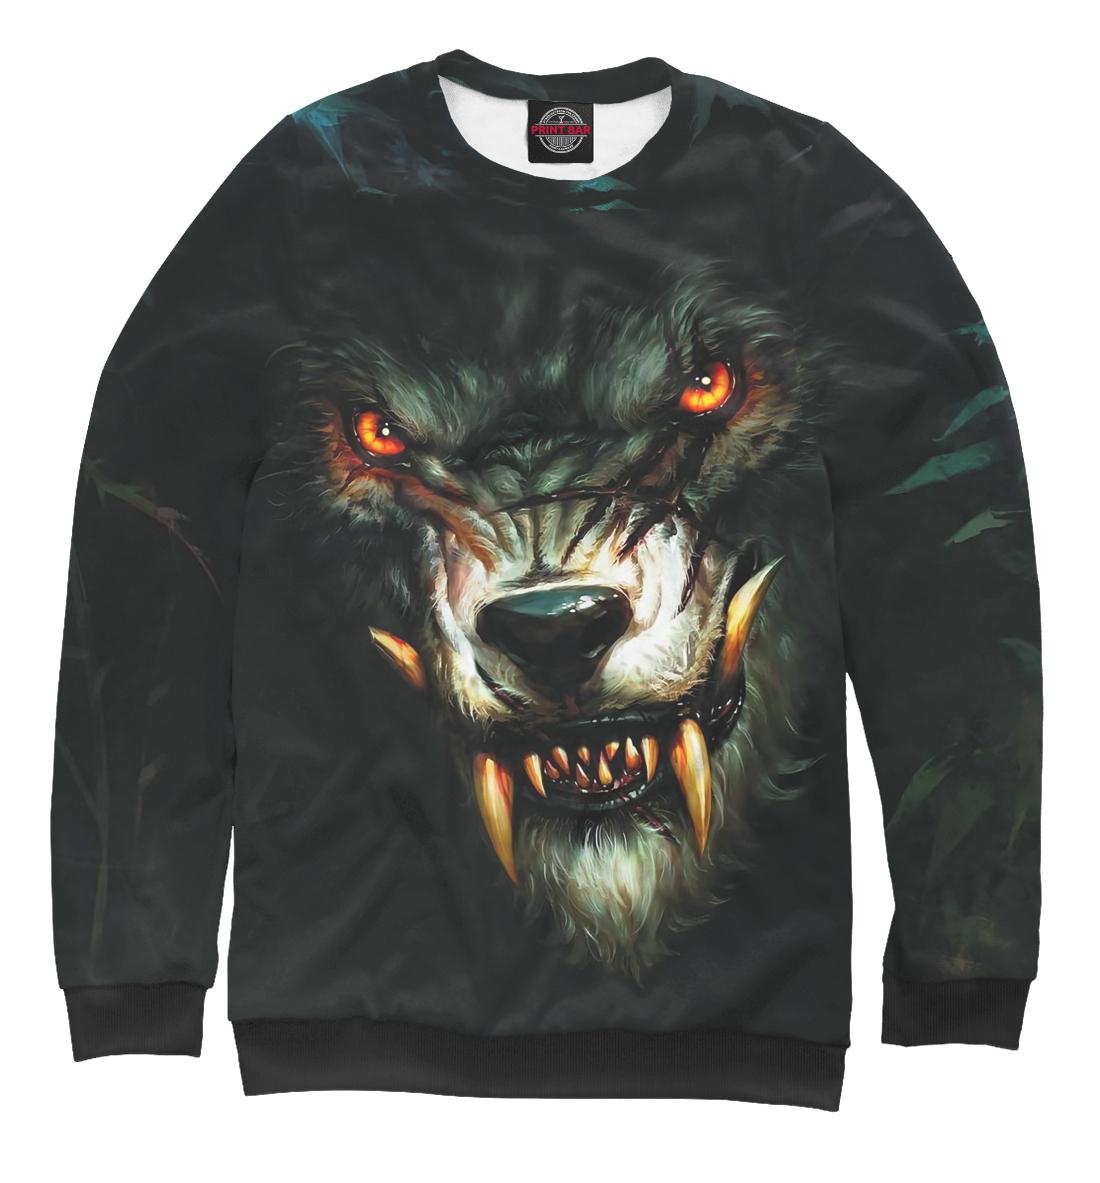 Купить Злой волк, Printbar, Свитшоты, VLF-167006-swi-2